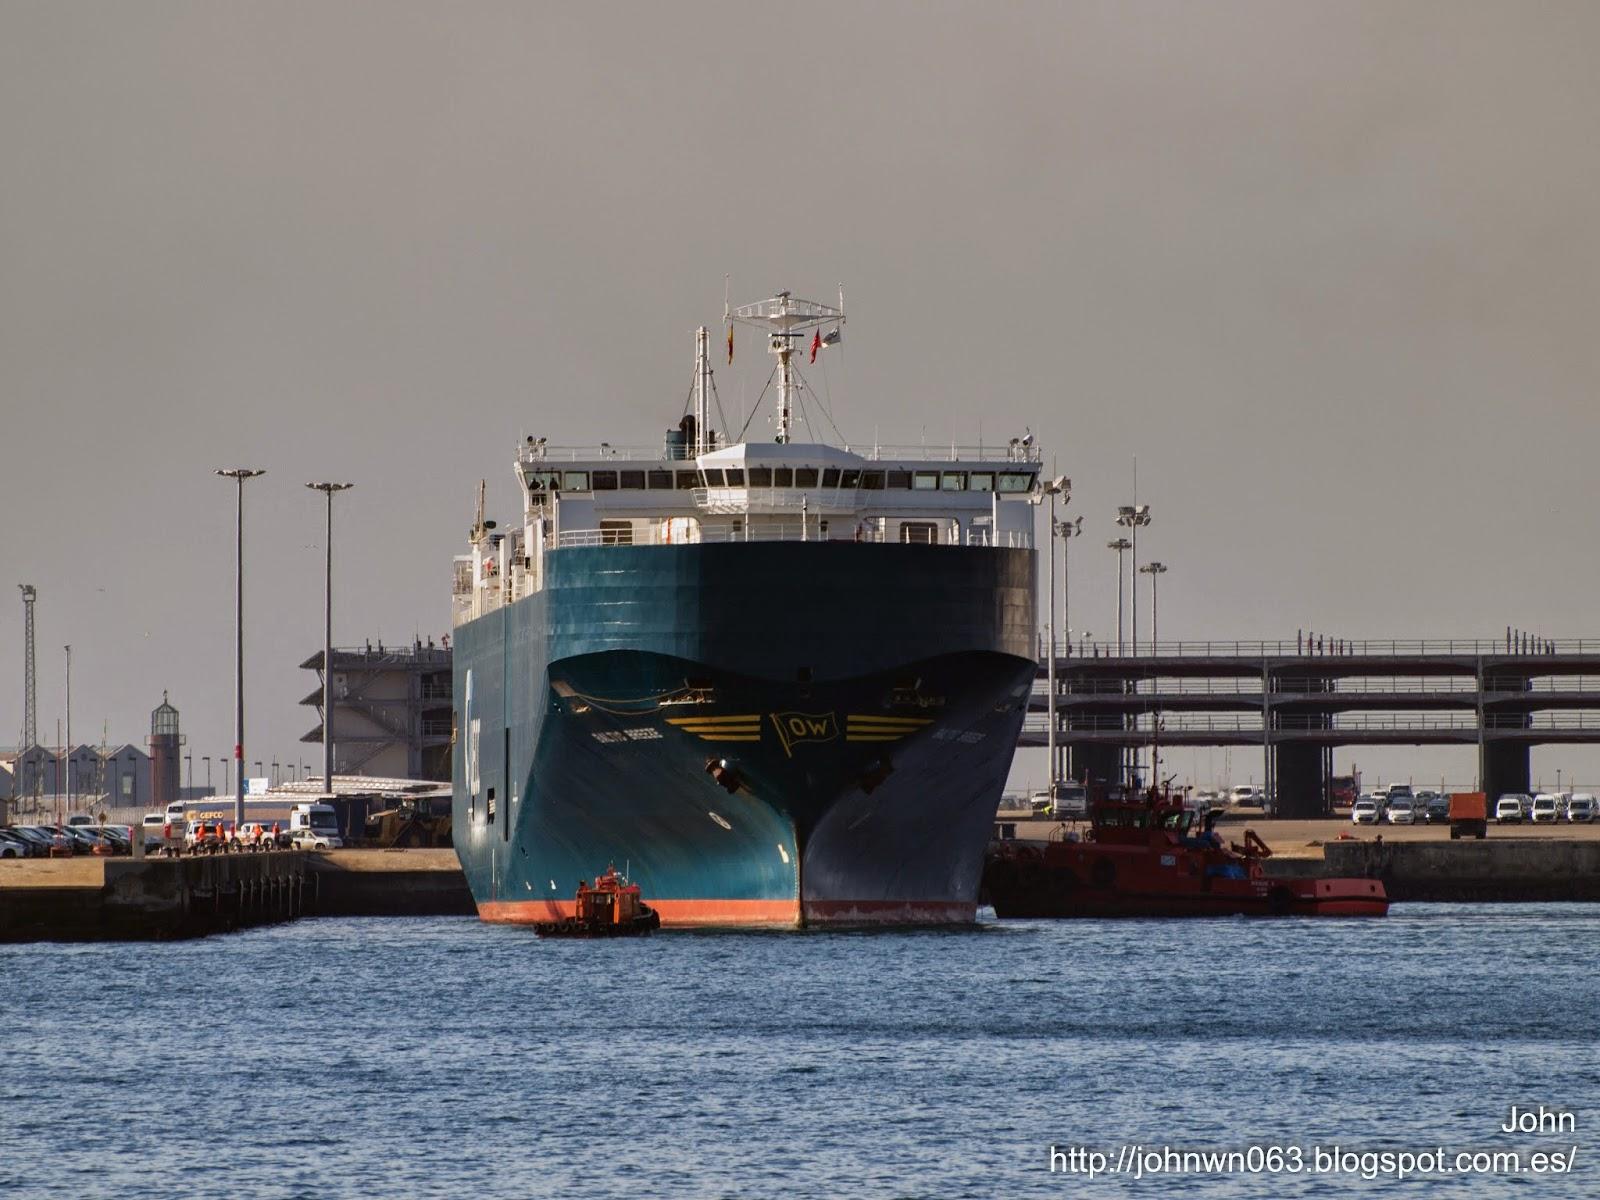 fotos de barcos, imagenes de barcos, baltic breeze, Ro-Ro, vigo, bouzas